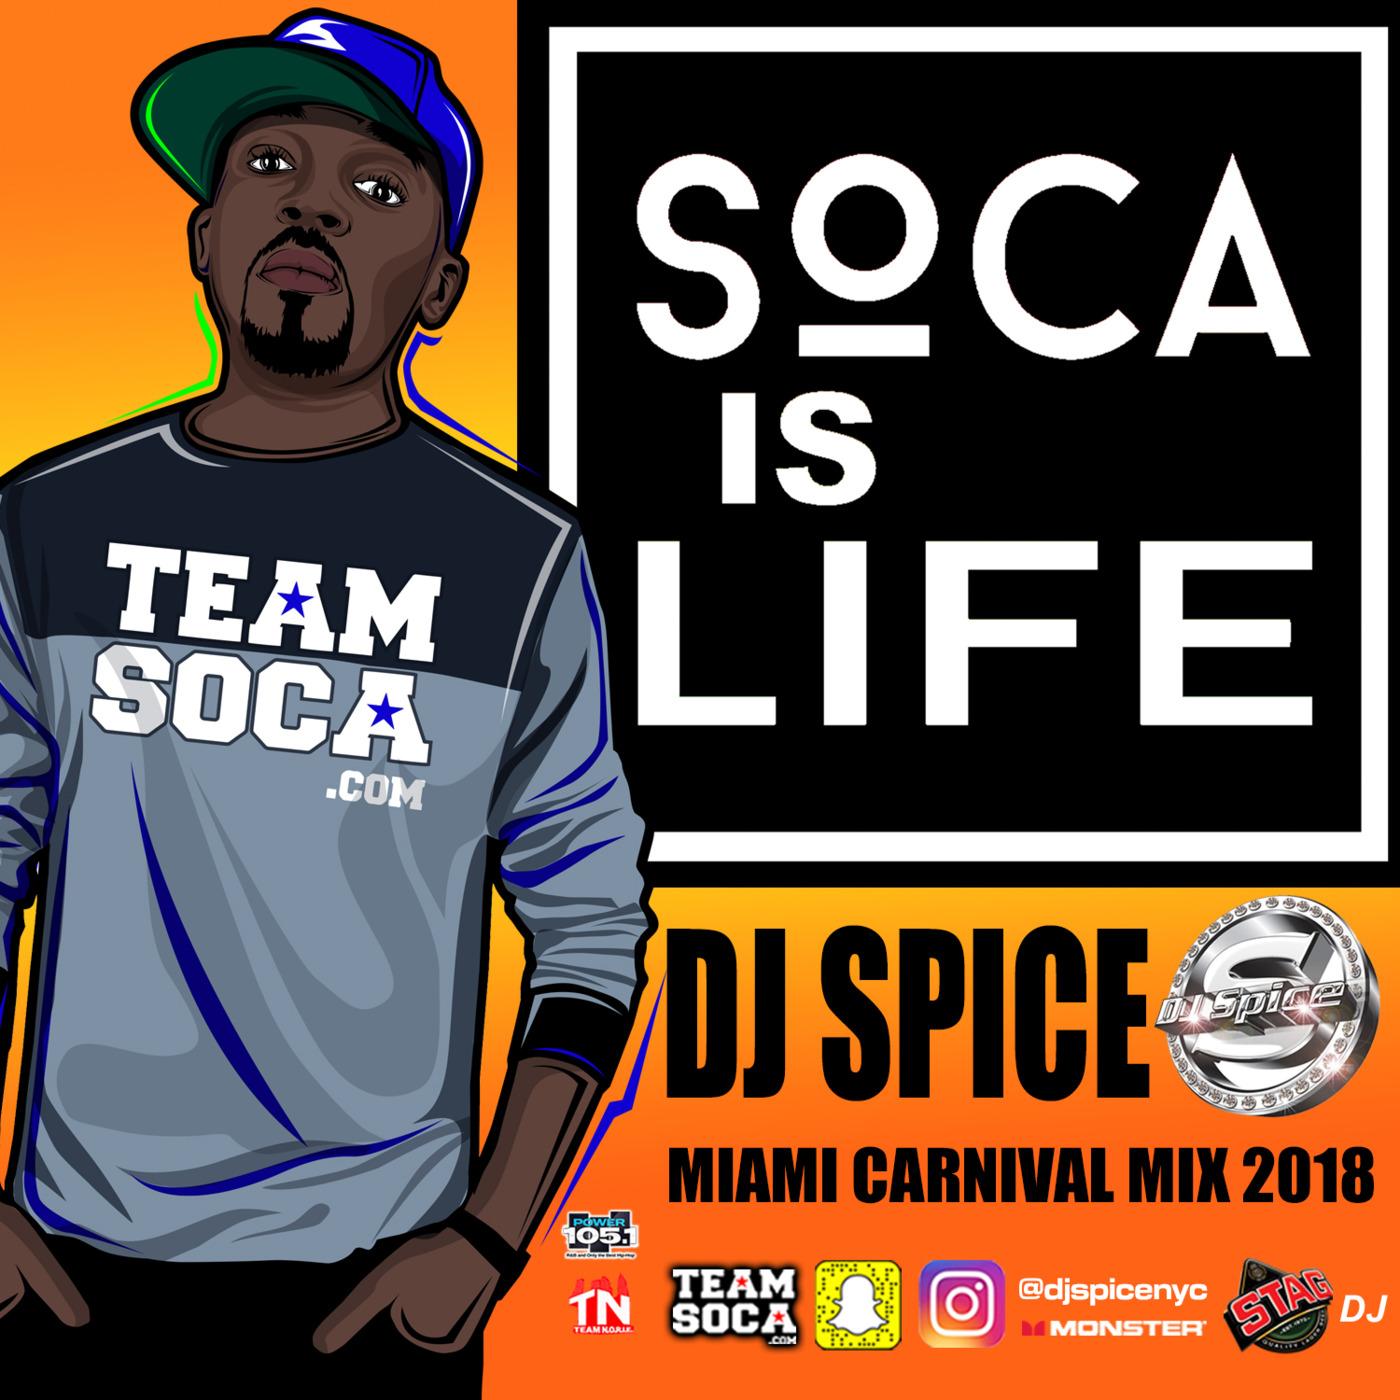 DJ SPICE 2018 SOCA IS LIFE - MIAMI CARNIVAL MIX DJ SPICE's